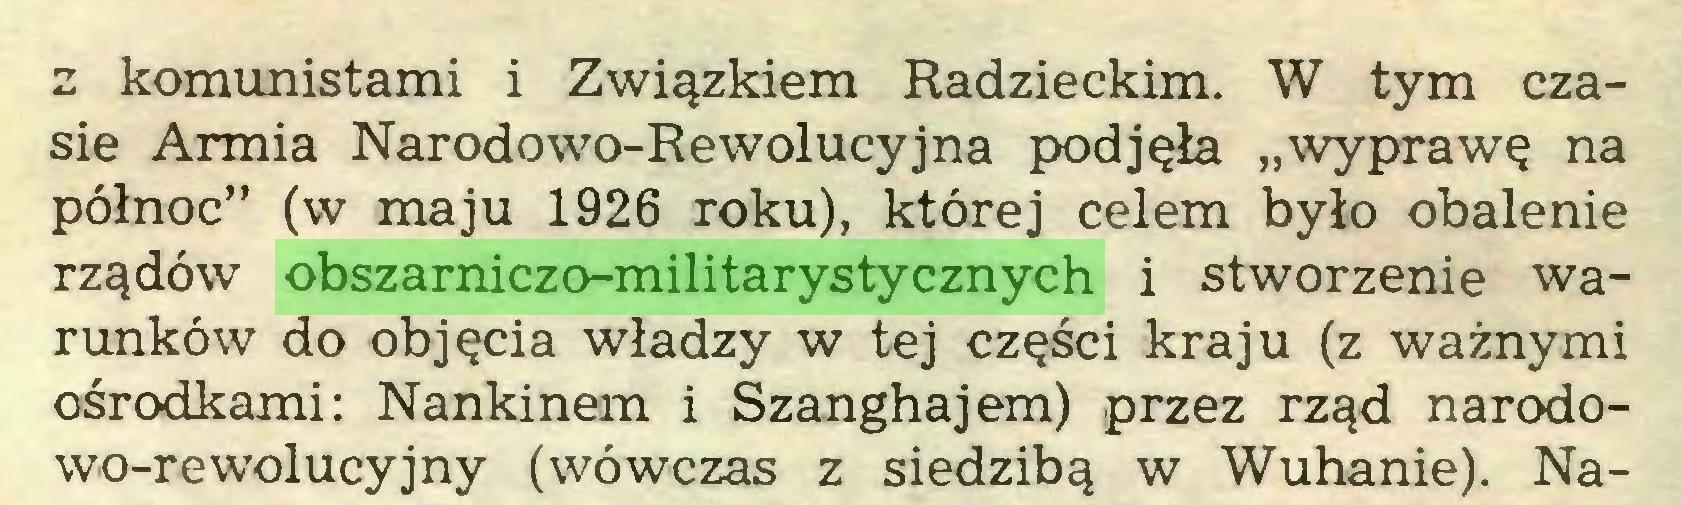 """(...) z komunistami i Związkiem Radzieckim. W tym czasie Armia Narodowo-Rewolucyjna podjęła """"wyprawę na północ"""" (w maju 1926 roku), której celem było obalenie rządów obszarniczo-militarystycznych i stworzenie warunków do objęcia władzy w tej części kraju (z ważnymi ośrodkami: Nankinem i Szanghajem) przez rząd narodowo-rewolucyjny (wówczas z siedzibą w Wuhanie). Na..."""